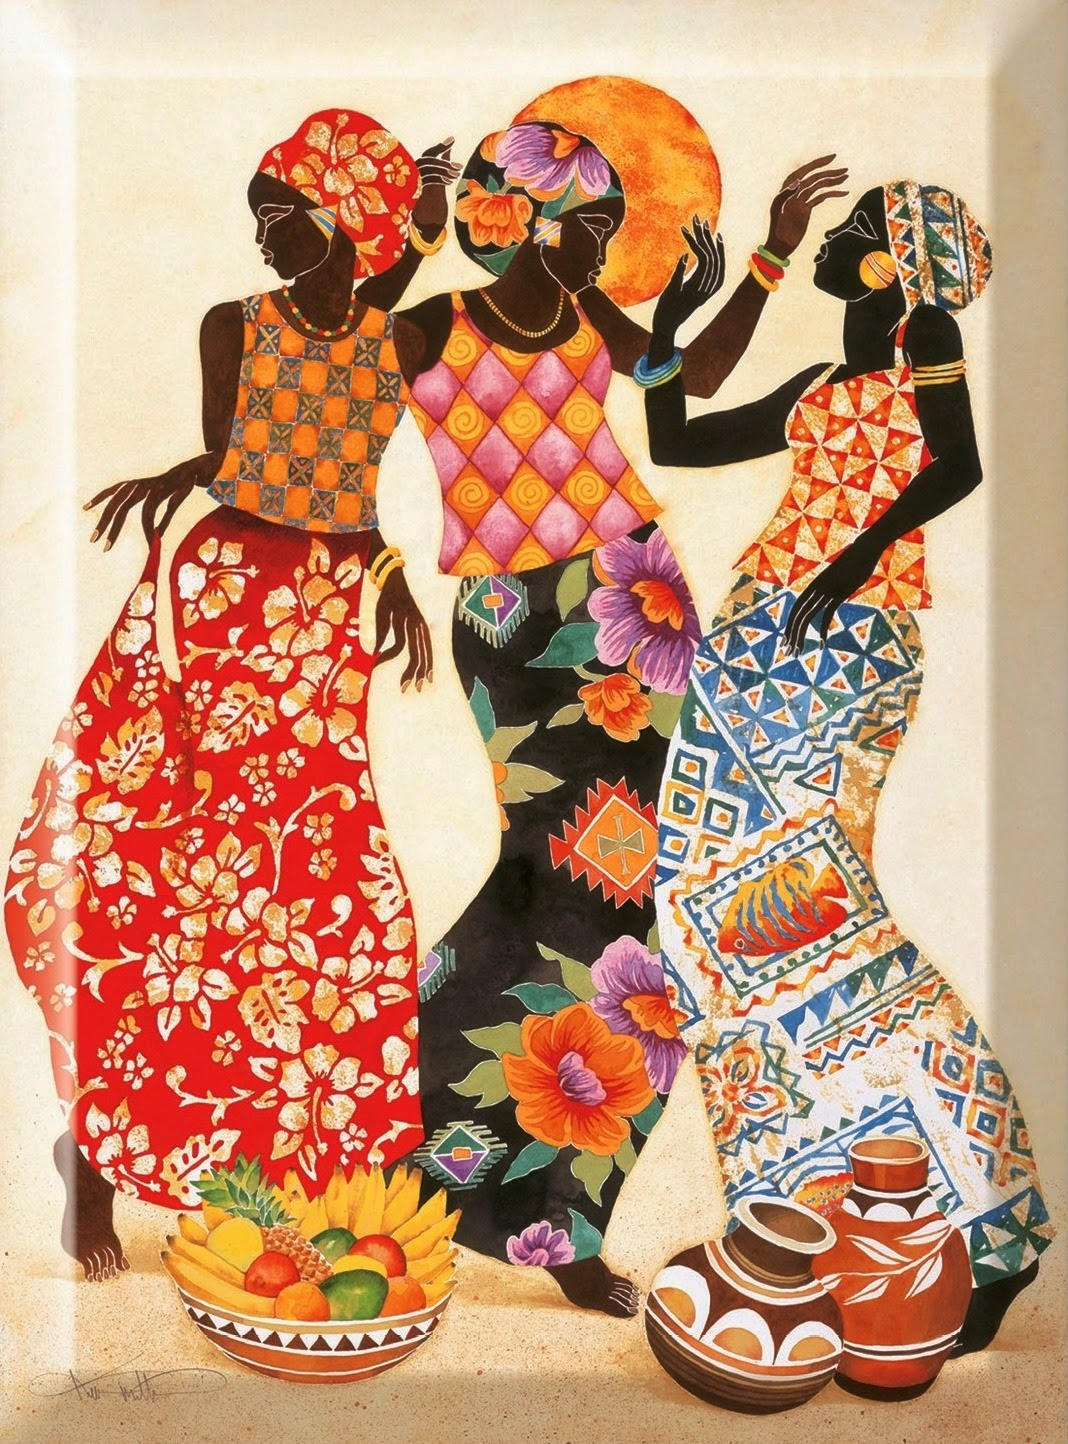 cuadros artesanales-africanos